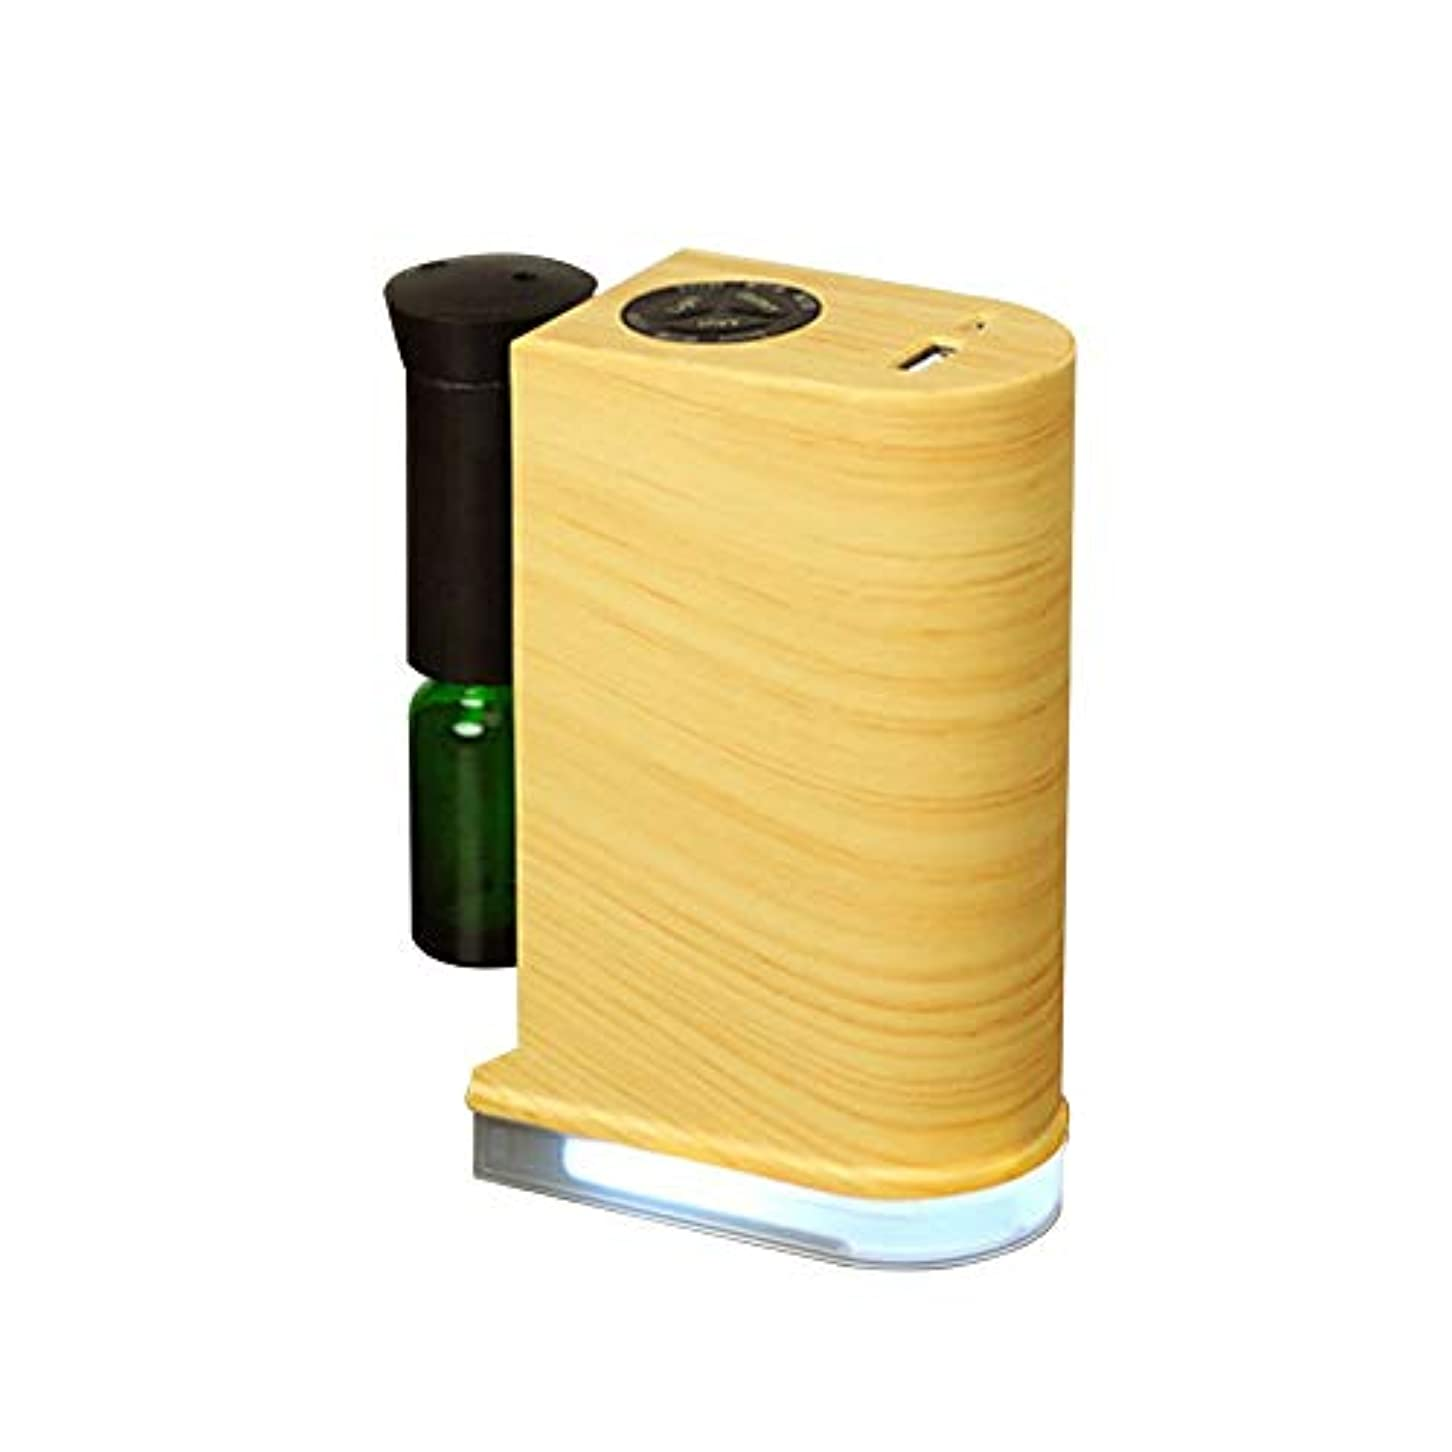 ヒギンズベイビーアルネアロマディフューザー 木目調 ネブライザー式 USBポート付き 癒しの空間 卓上 アロマライト アロマオイル スマホ充電可能 オフィス リビング ナチュラル